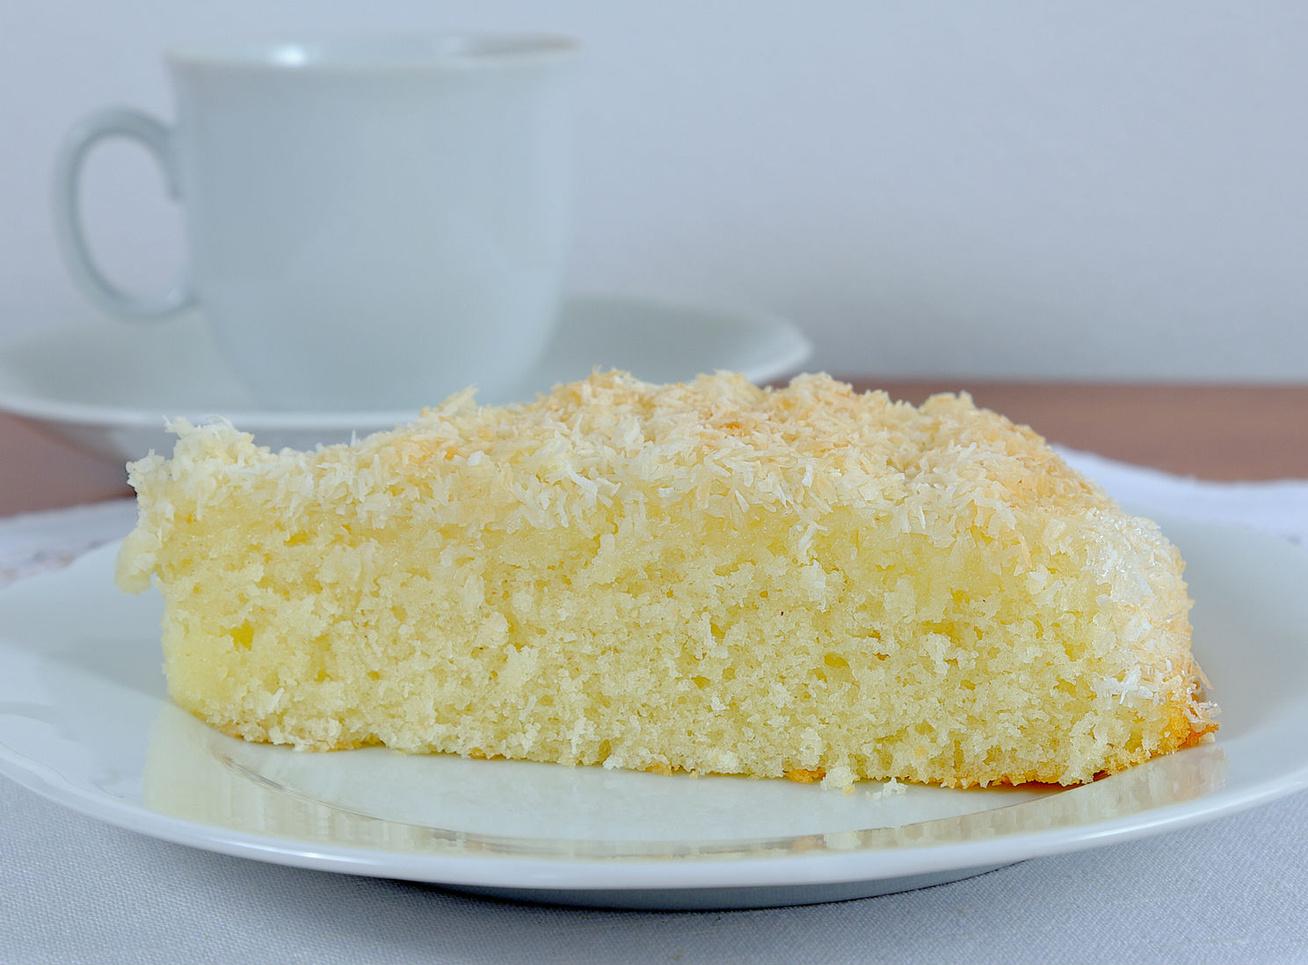 Mennyei kókuszos, tejszínes kevert süti - Nem kell attól tartanod, hogy száraz lesz